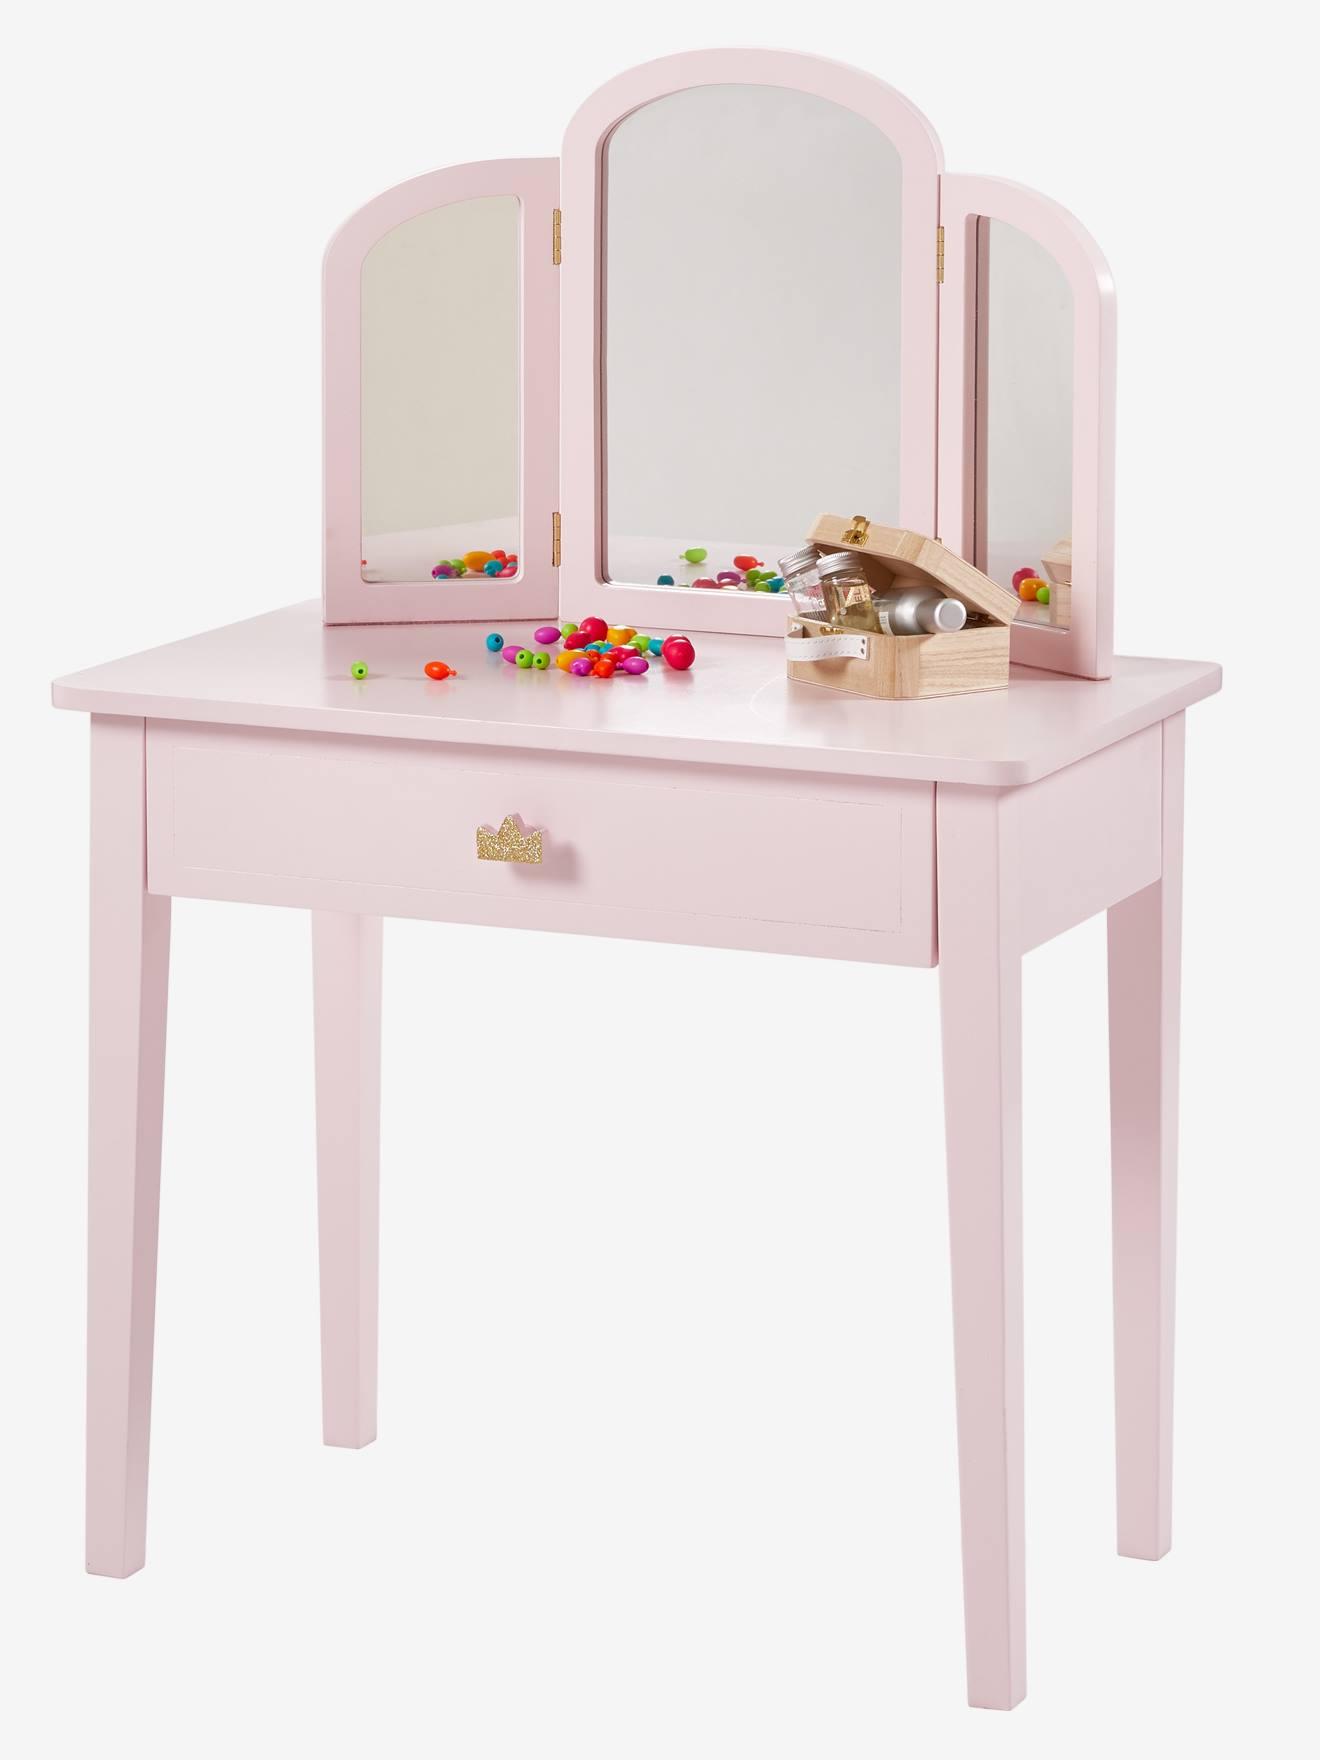 Commode avec Table de langer bebe bois rangement pour chambre enfant PRINCESS 68